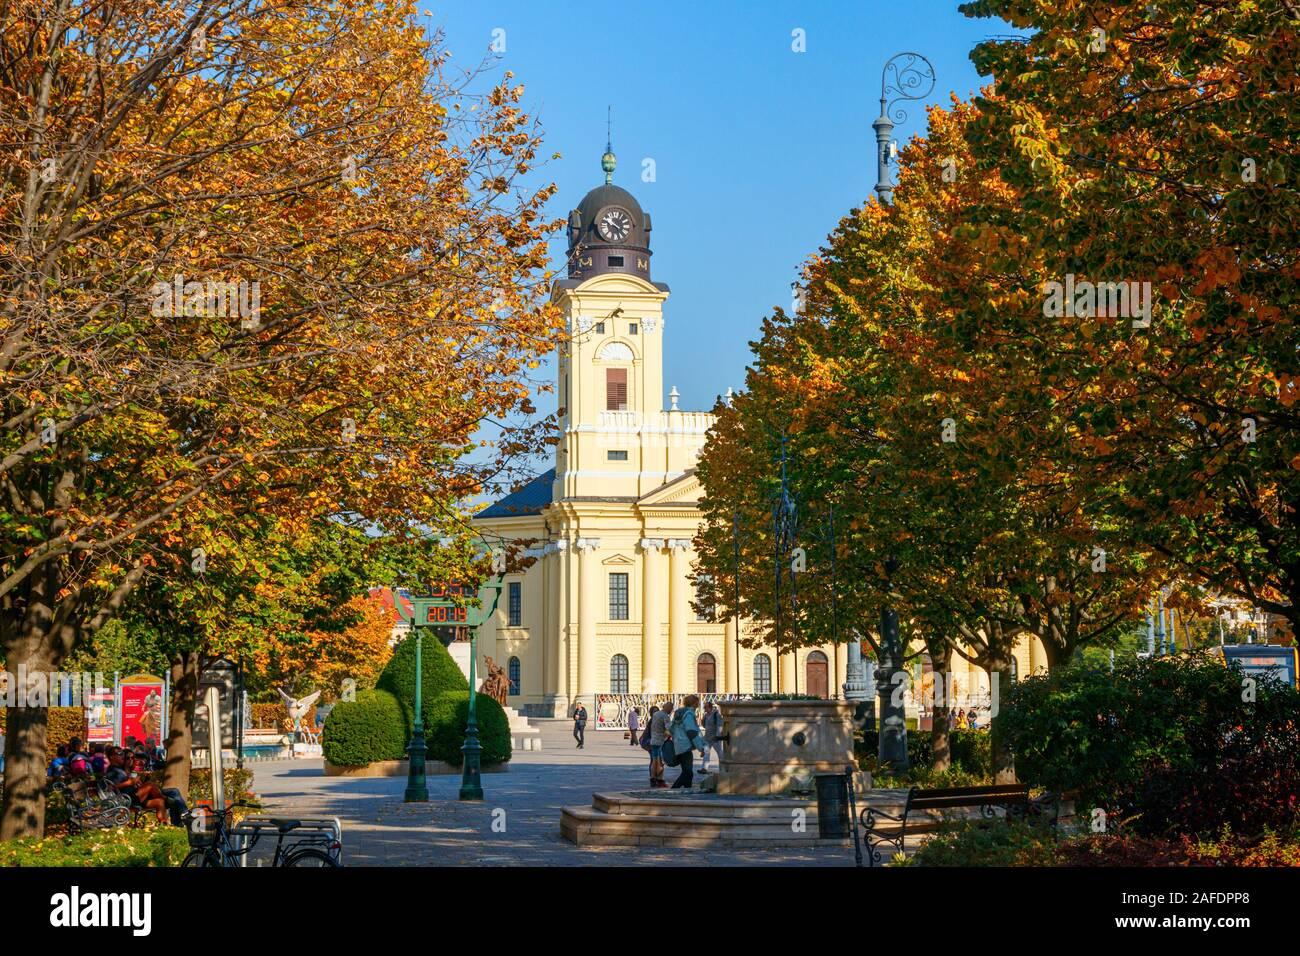 Gran Iglesia reformada en la plaza Kossuth con árboles en colores de otoño en un día soleado. Debrecen, Hungría. Foto de stock